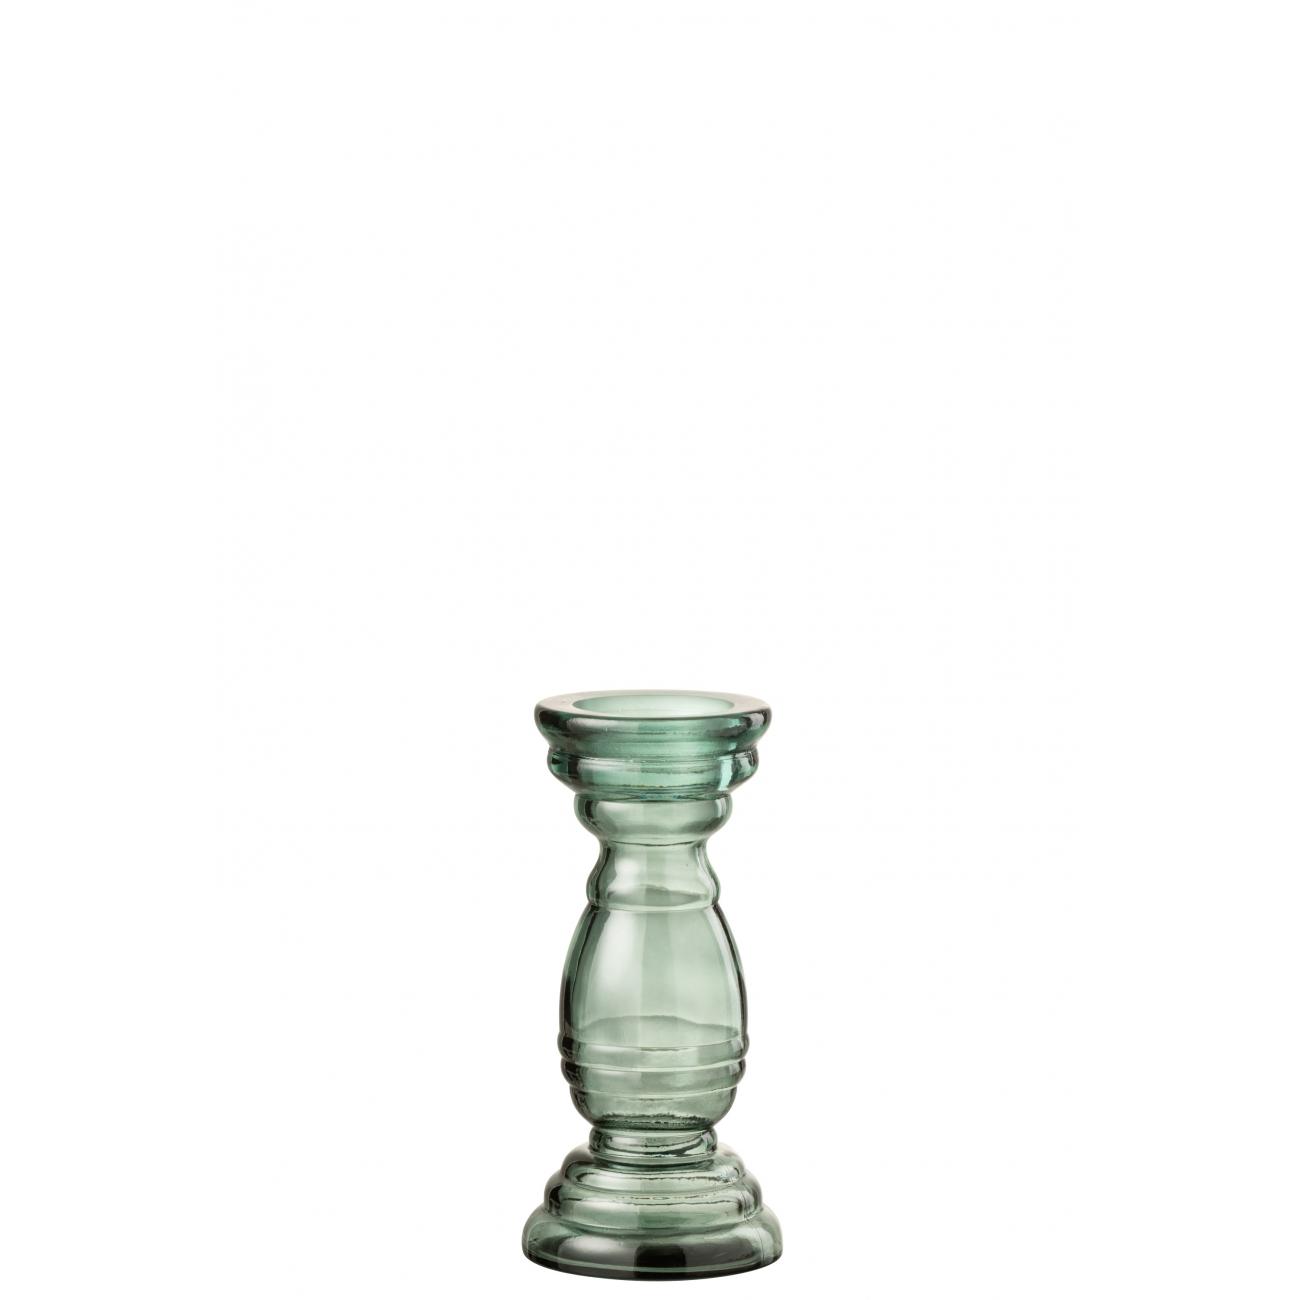 Подсвечник J-LINE стеклянный фигурный зеленого цвета высота 28 см Бельгия